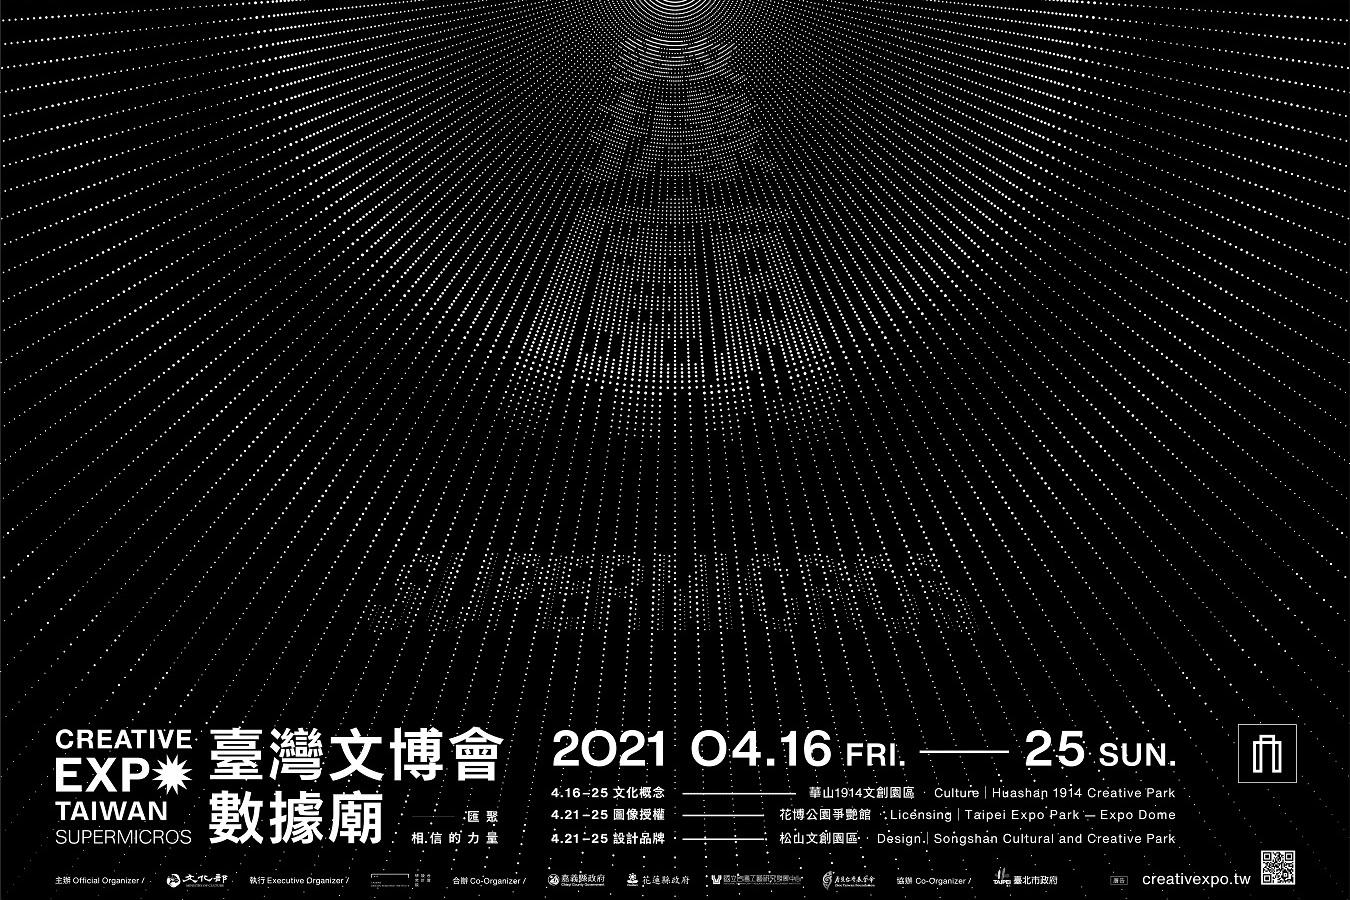 2021臺灣文博會「Supermicros數據廟——匯聚相信的力量」豪華朗機工林昆穎總策展、顏伯駿操刀主視覺